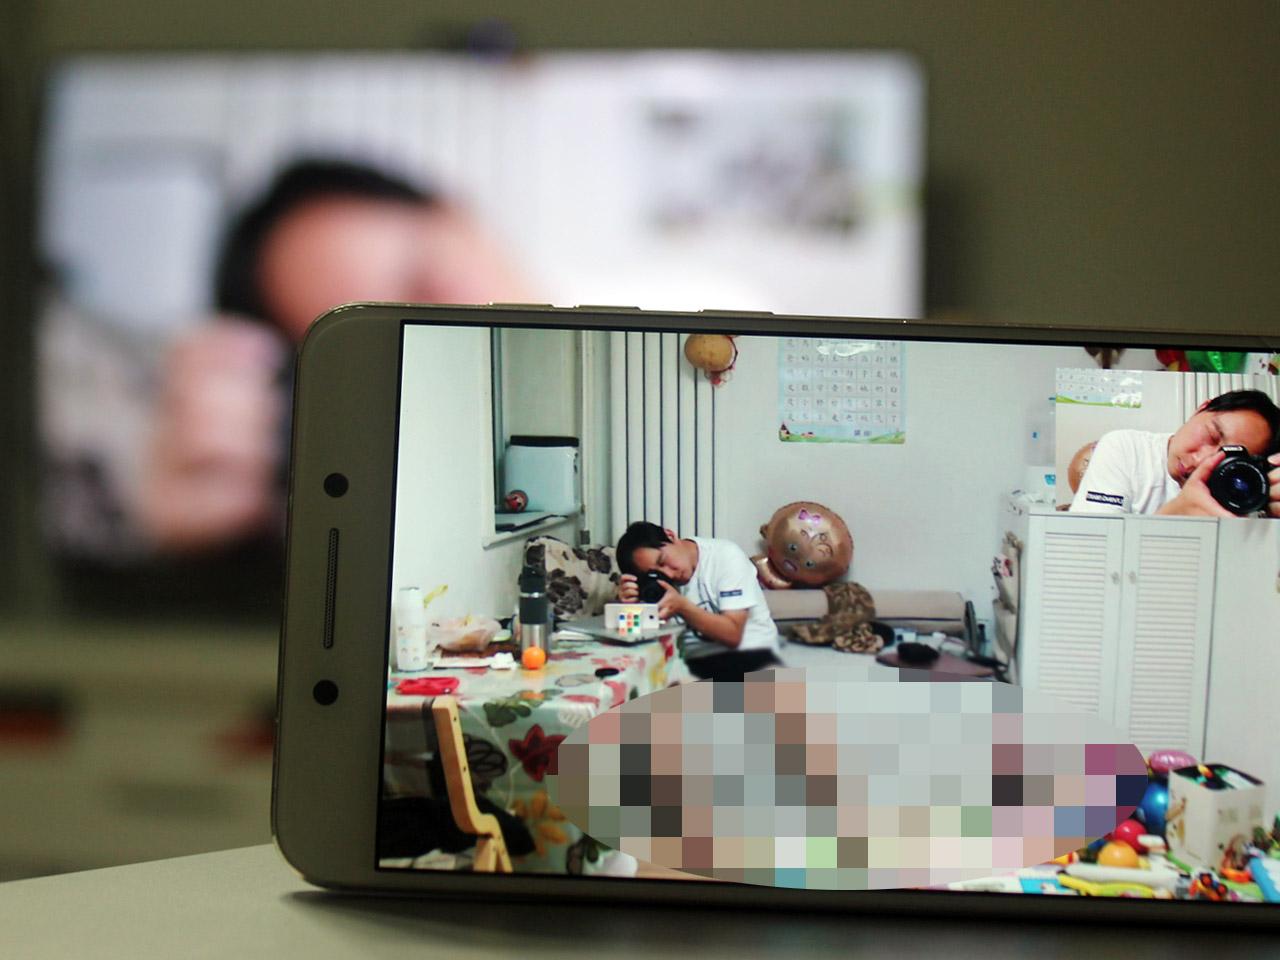 乐视超级电视3秒实现视频通话,亲身体验见真章!